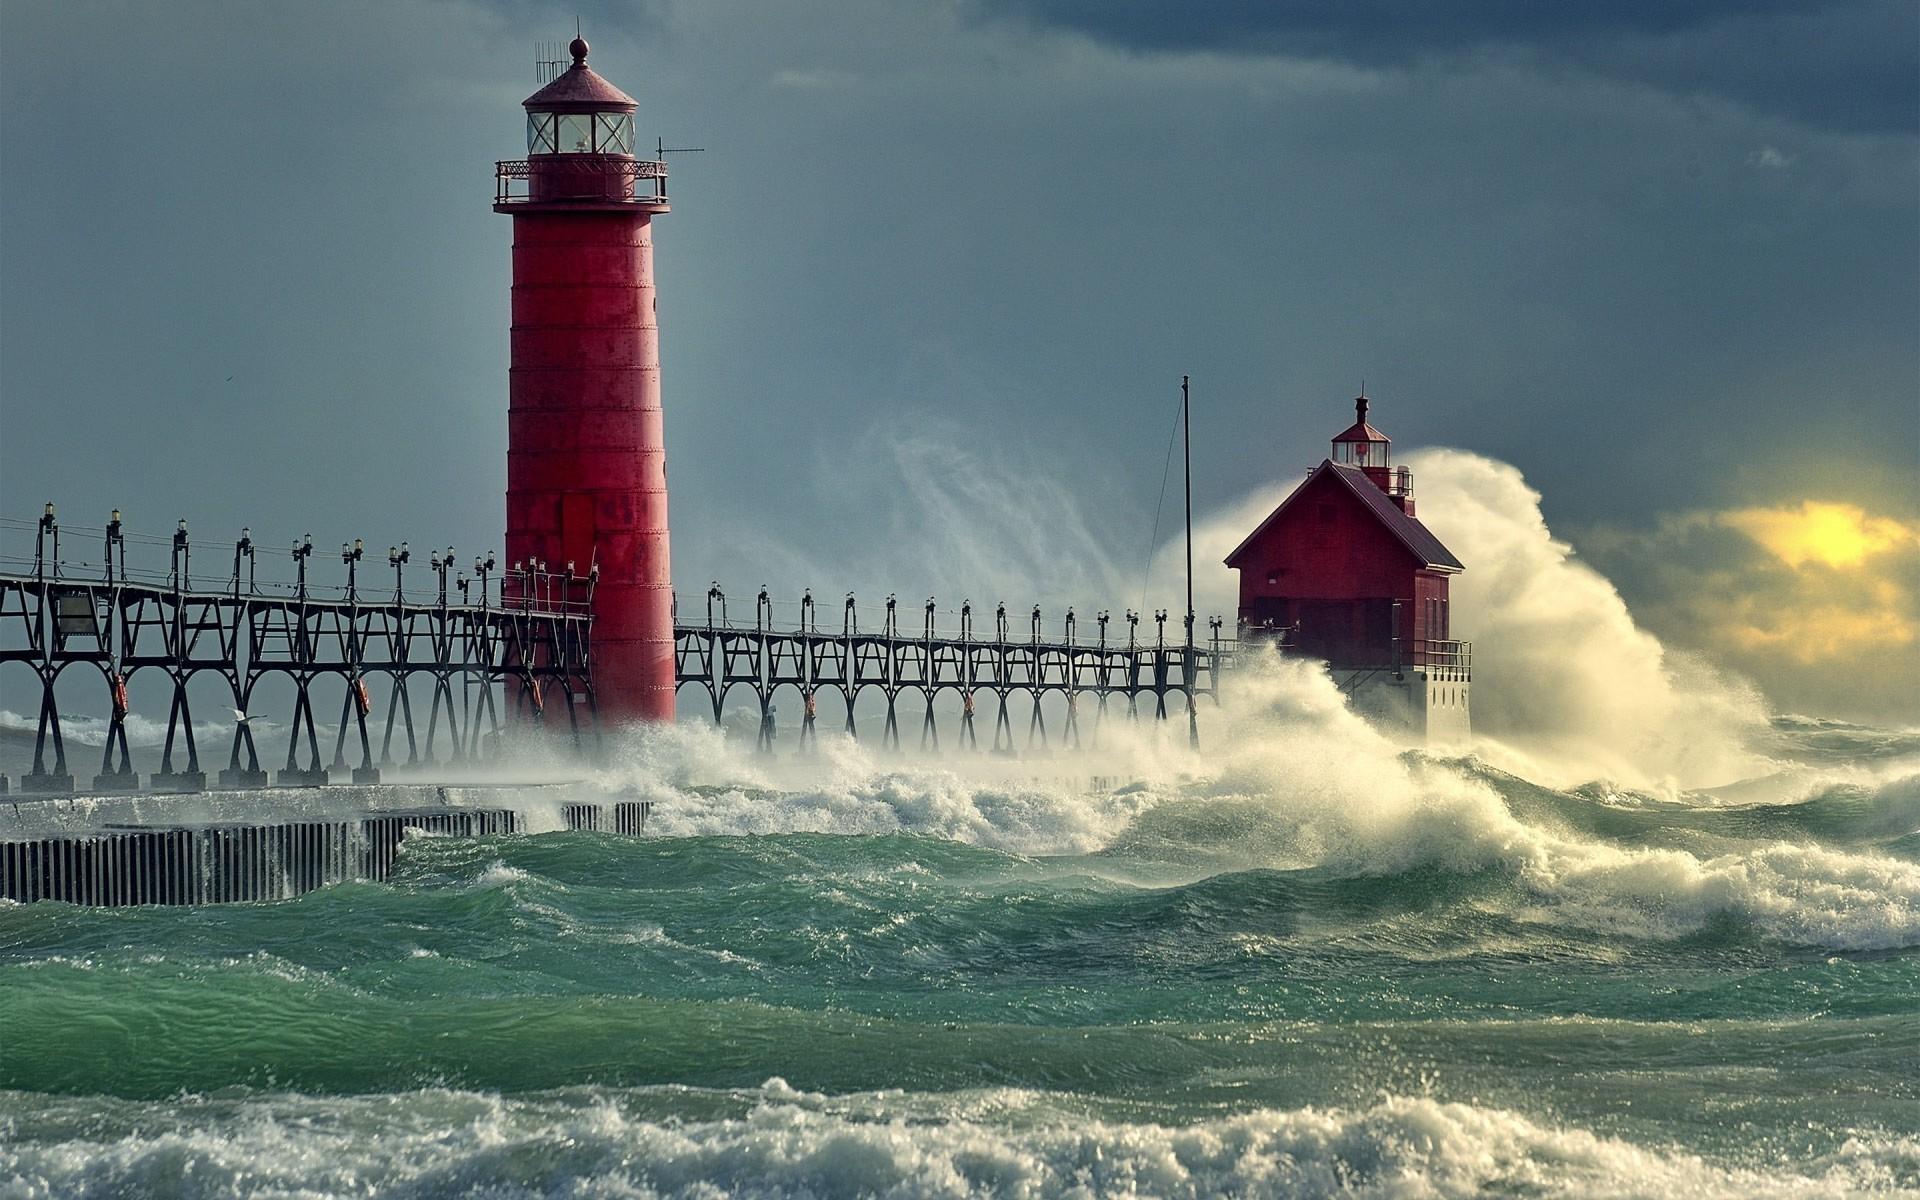 lighthouse desktop wallpaper 7900 - photo #12